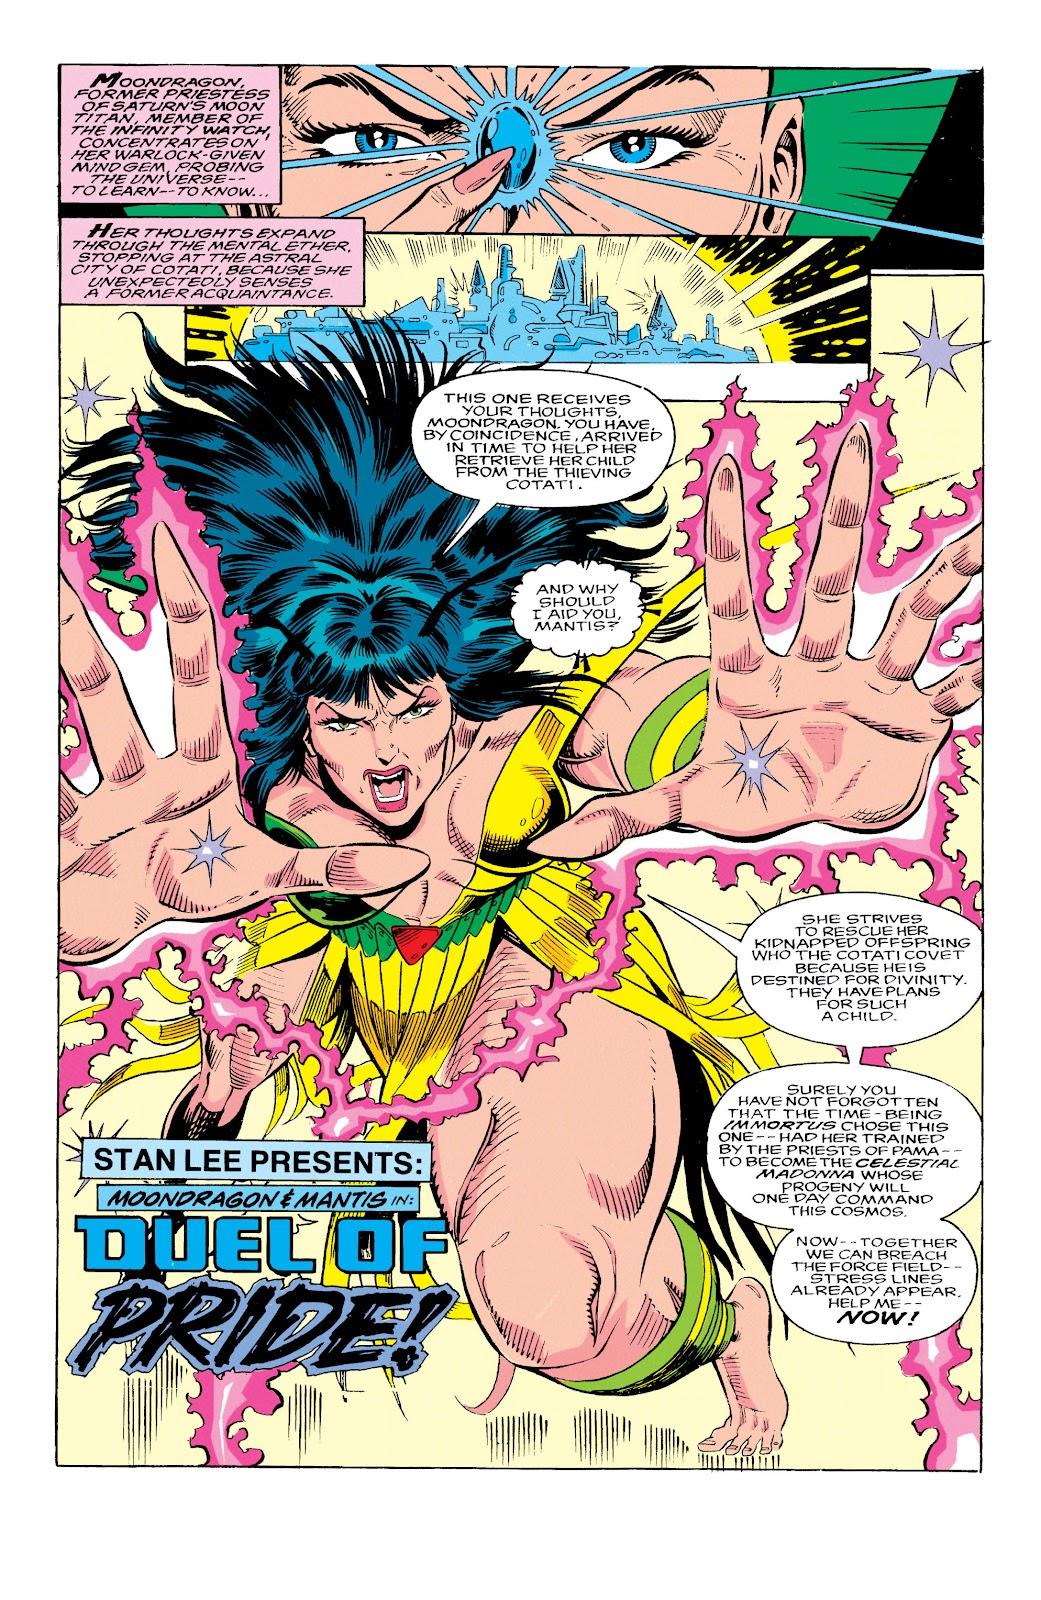 Read online Avengers: Citizen Kang comic -  Issue # TPB (Part 2) - 50